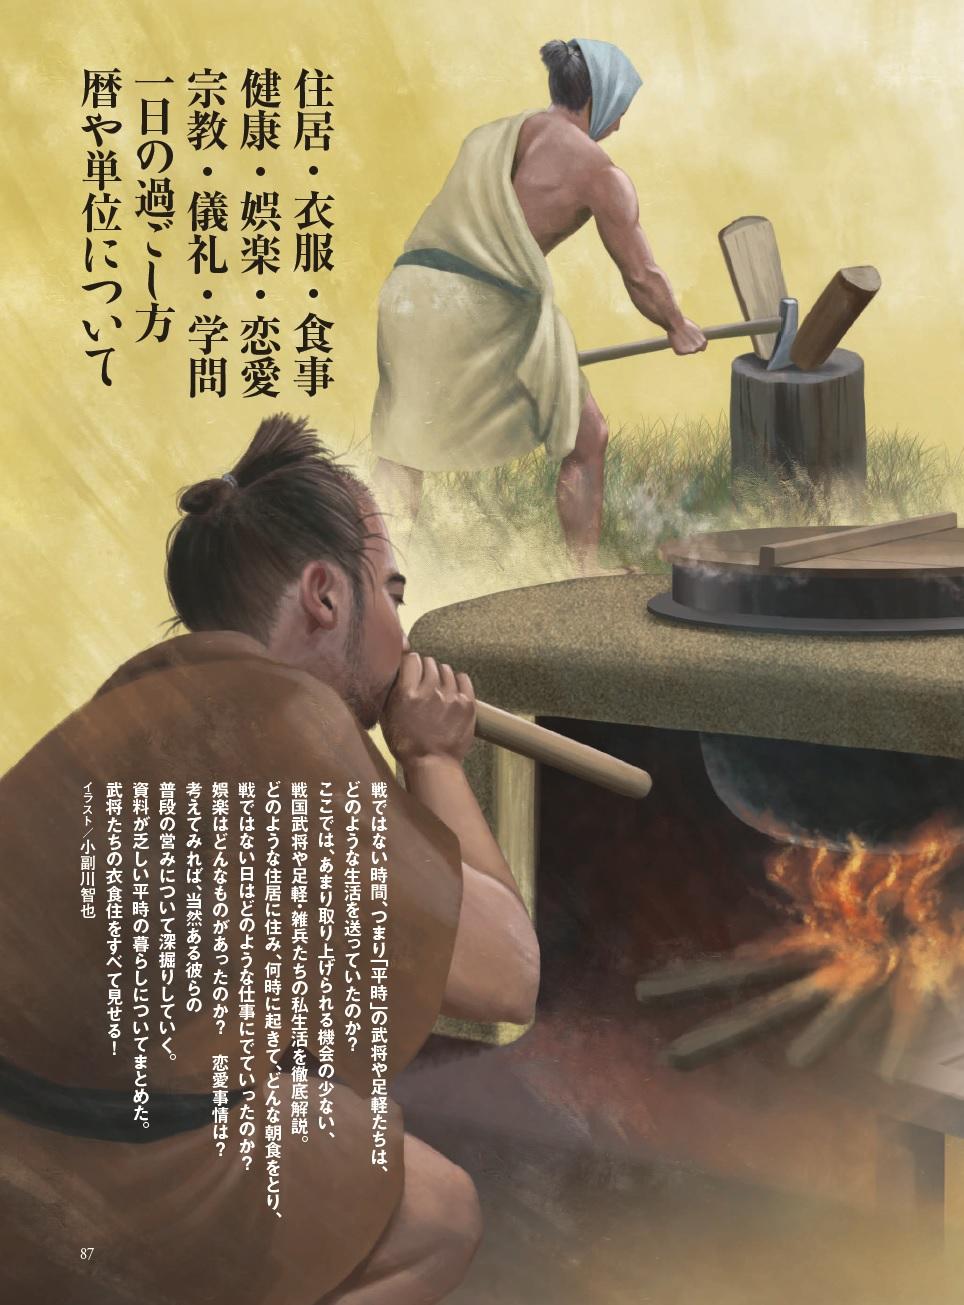 大図解!戦国武将の[戦時]と[平時] 知られざる「陣中暮らし」から「衣・食・住」までの目次画像3